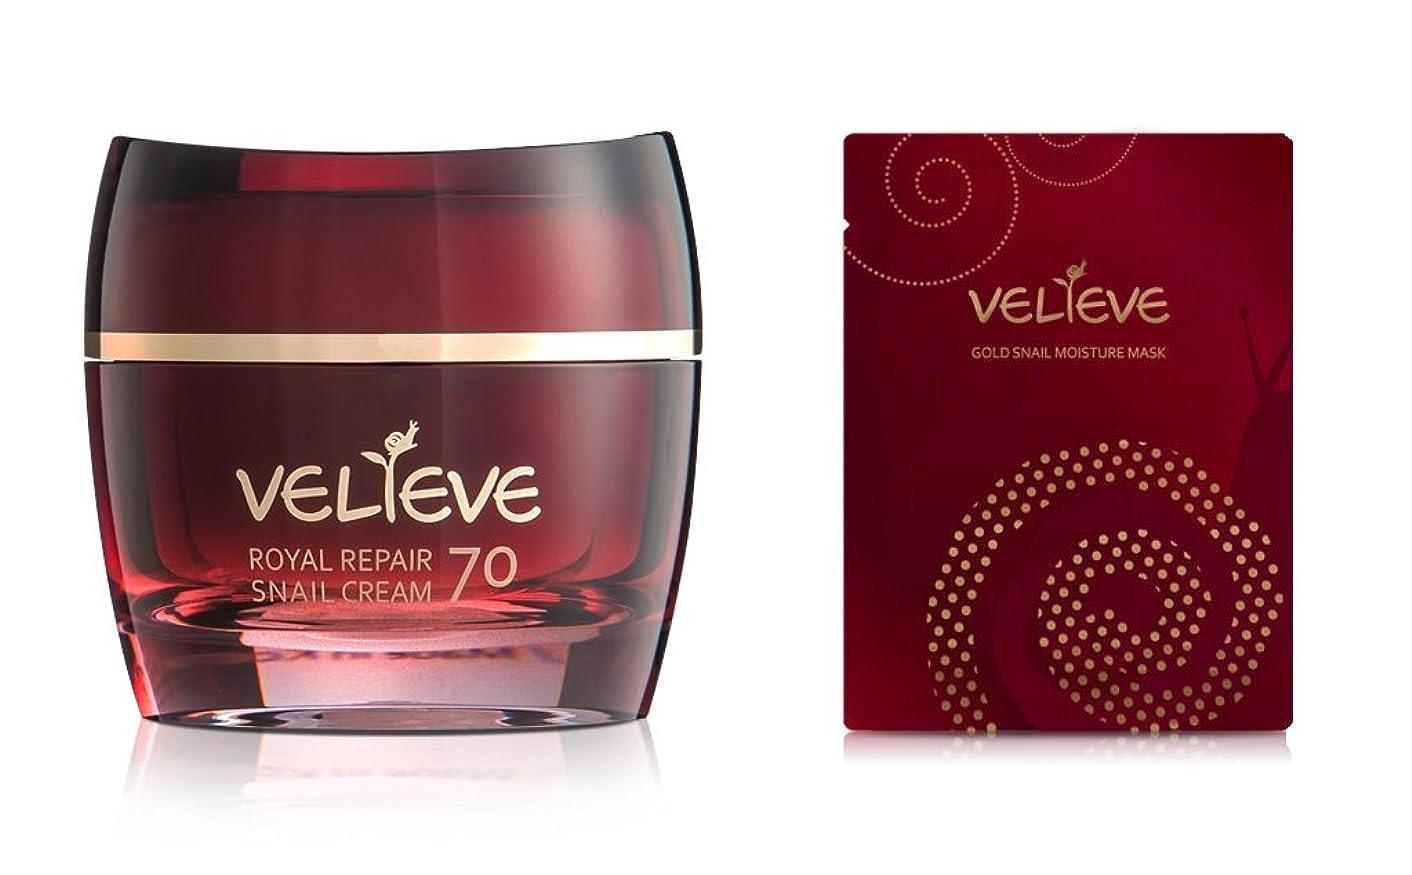 ライブスペクトラムカビVELIEVE (ベリーブ) ロイヤルリペア 70 カタツムリ クリーム (50ml) +ゴールド スネイル モイスチャー マスク(5枚入り) セット [並行輸入品]